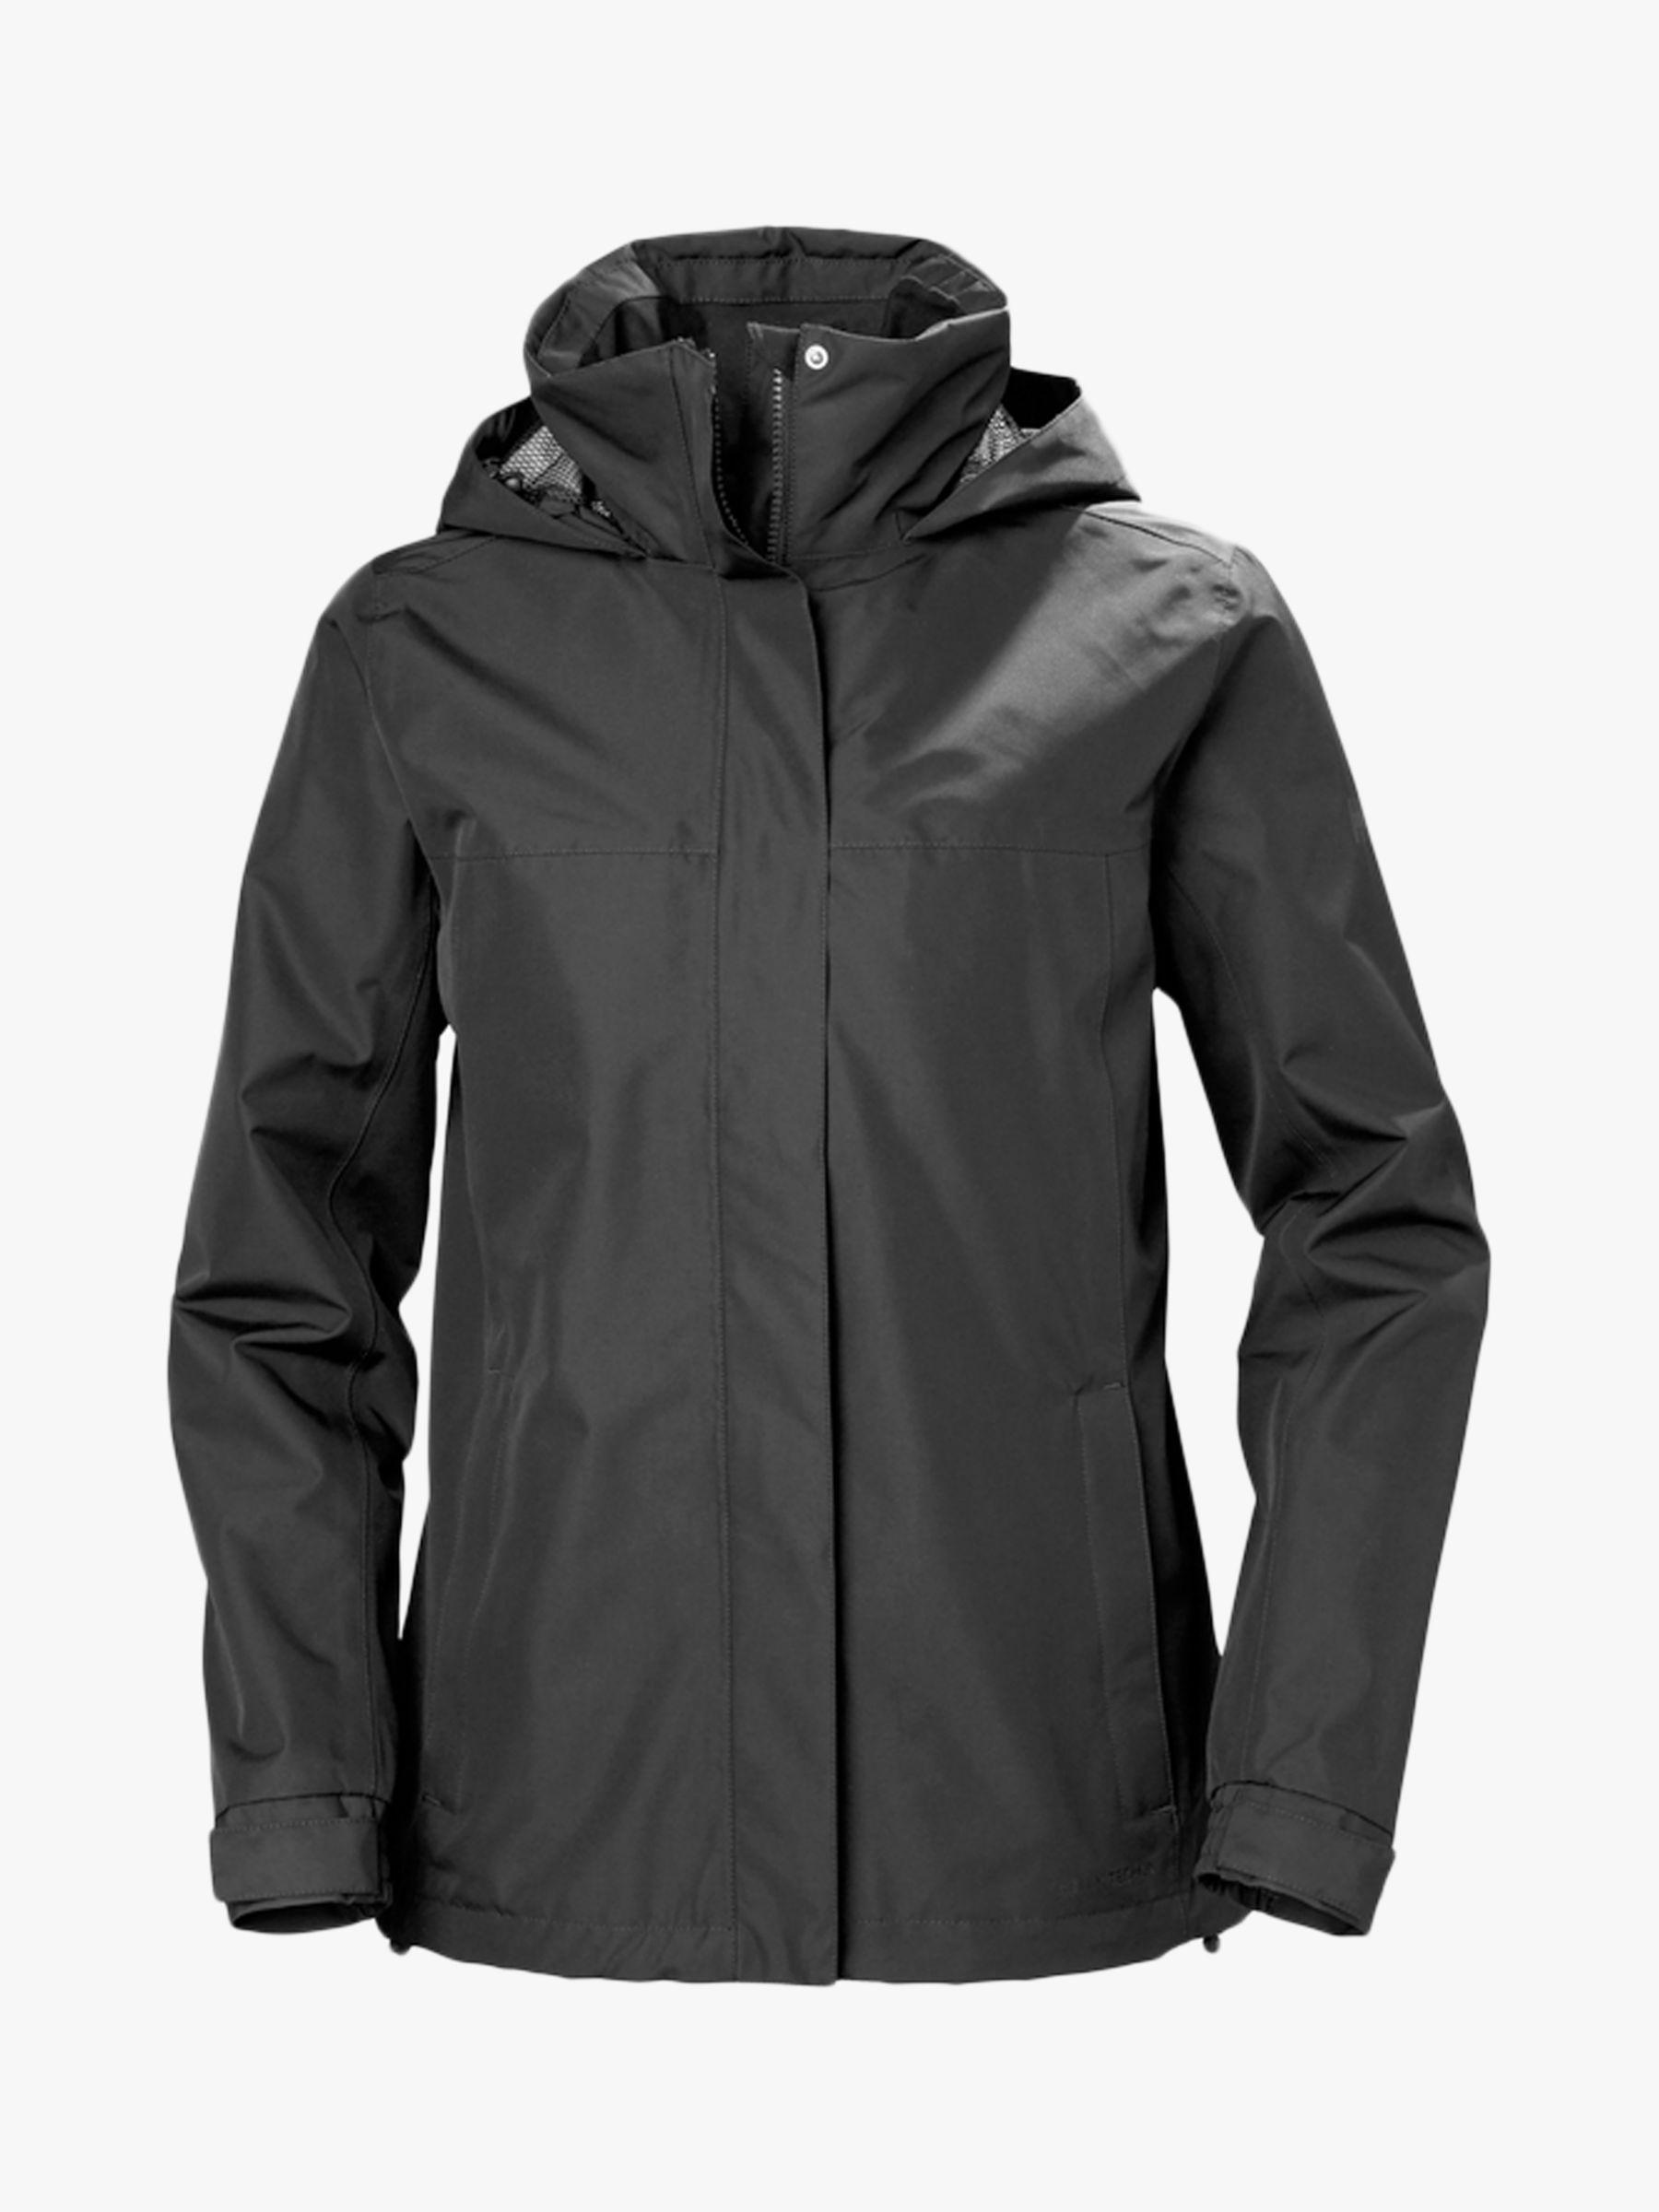 Helly Hansen Helly Hansen Aden Women's Waterproof Jacket, Black